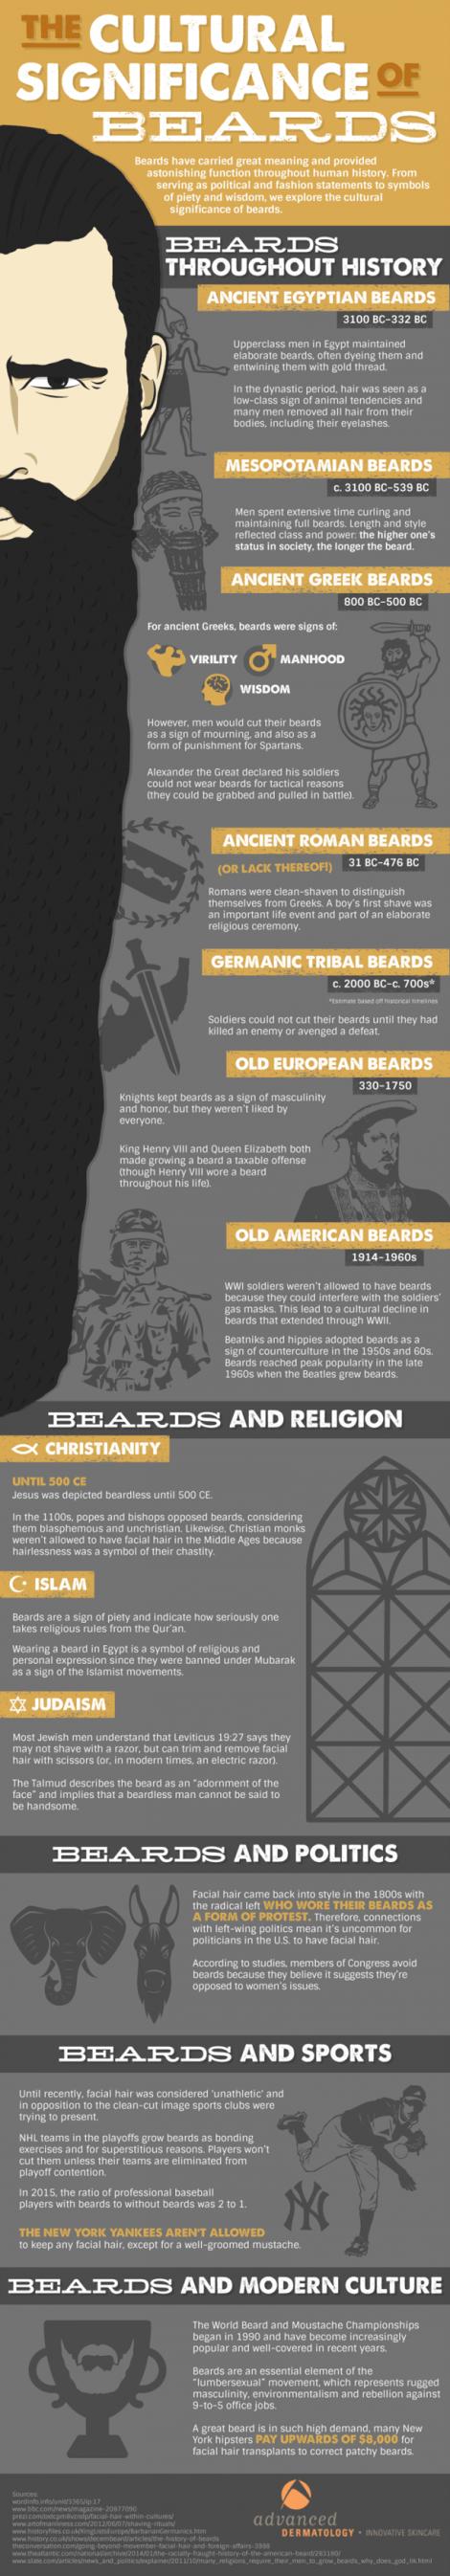 Infographic courtesy ADVDERMATOLOGY.COM